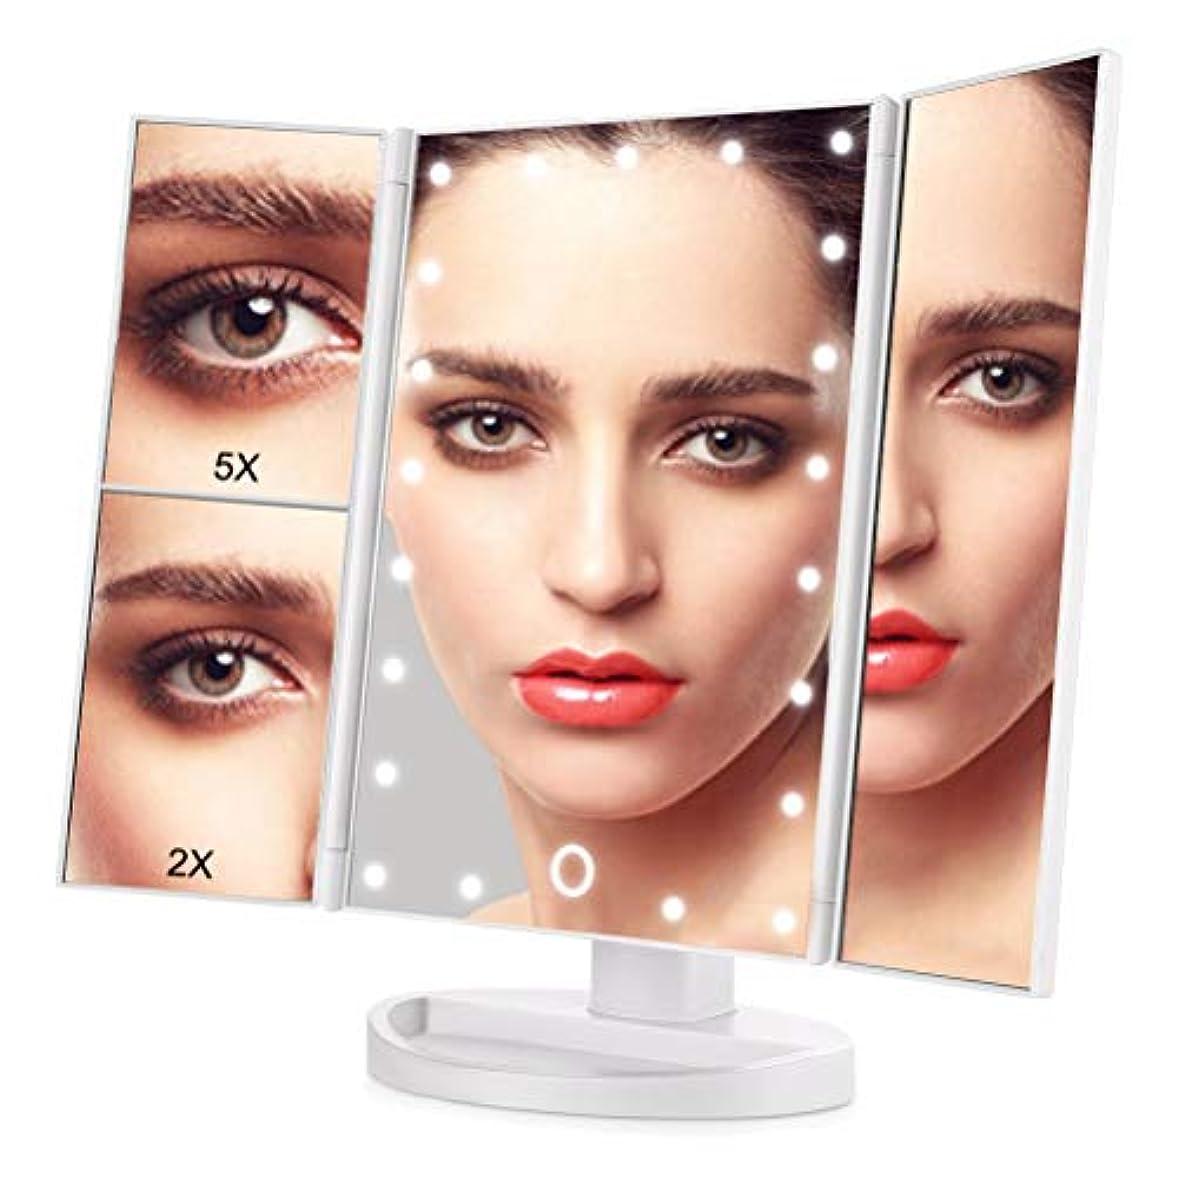 梨争い電話をかけるOKISS 三面鏡 化粧鏡 卓上 ミラー 鏡 ledライト 化粧ミラー メイクアップミラー 2倍と5倍拡大鏡付き 明るさ調節可能 折り畳み式 180°回転 USB/単4電池給電